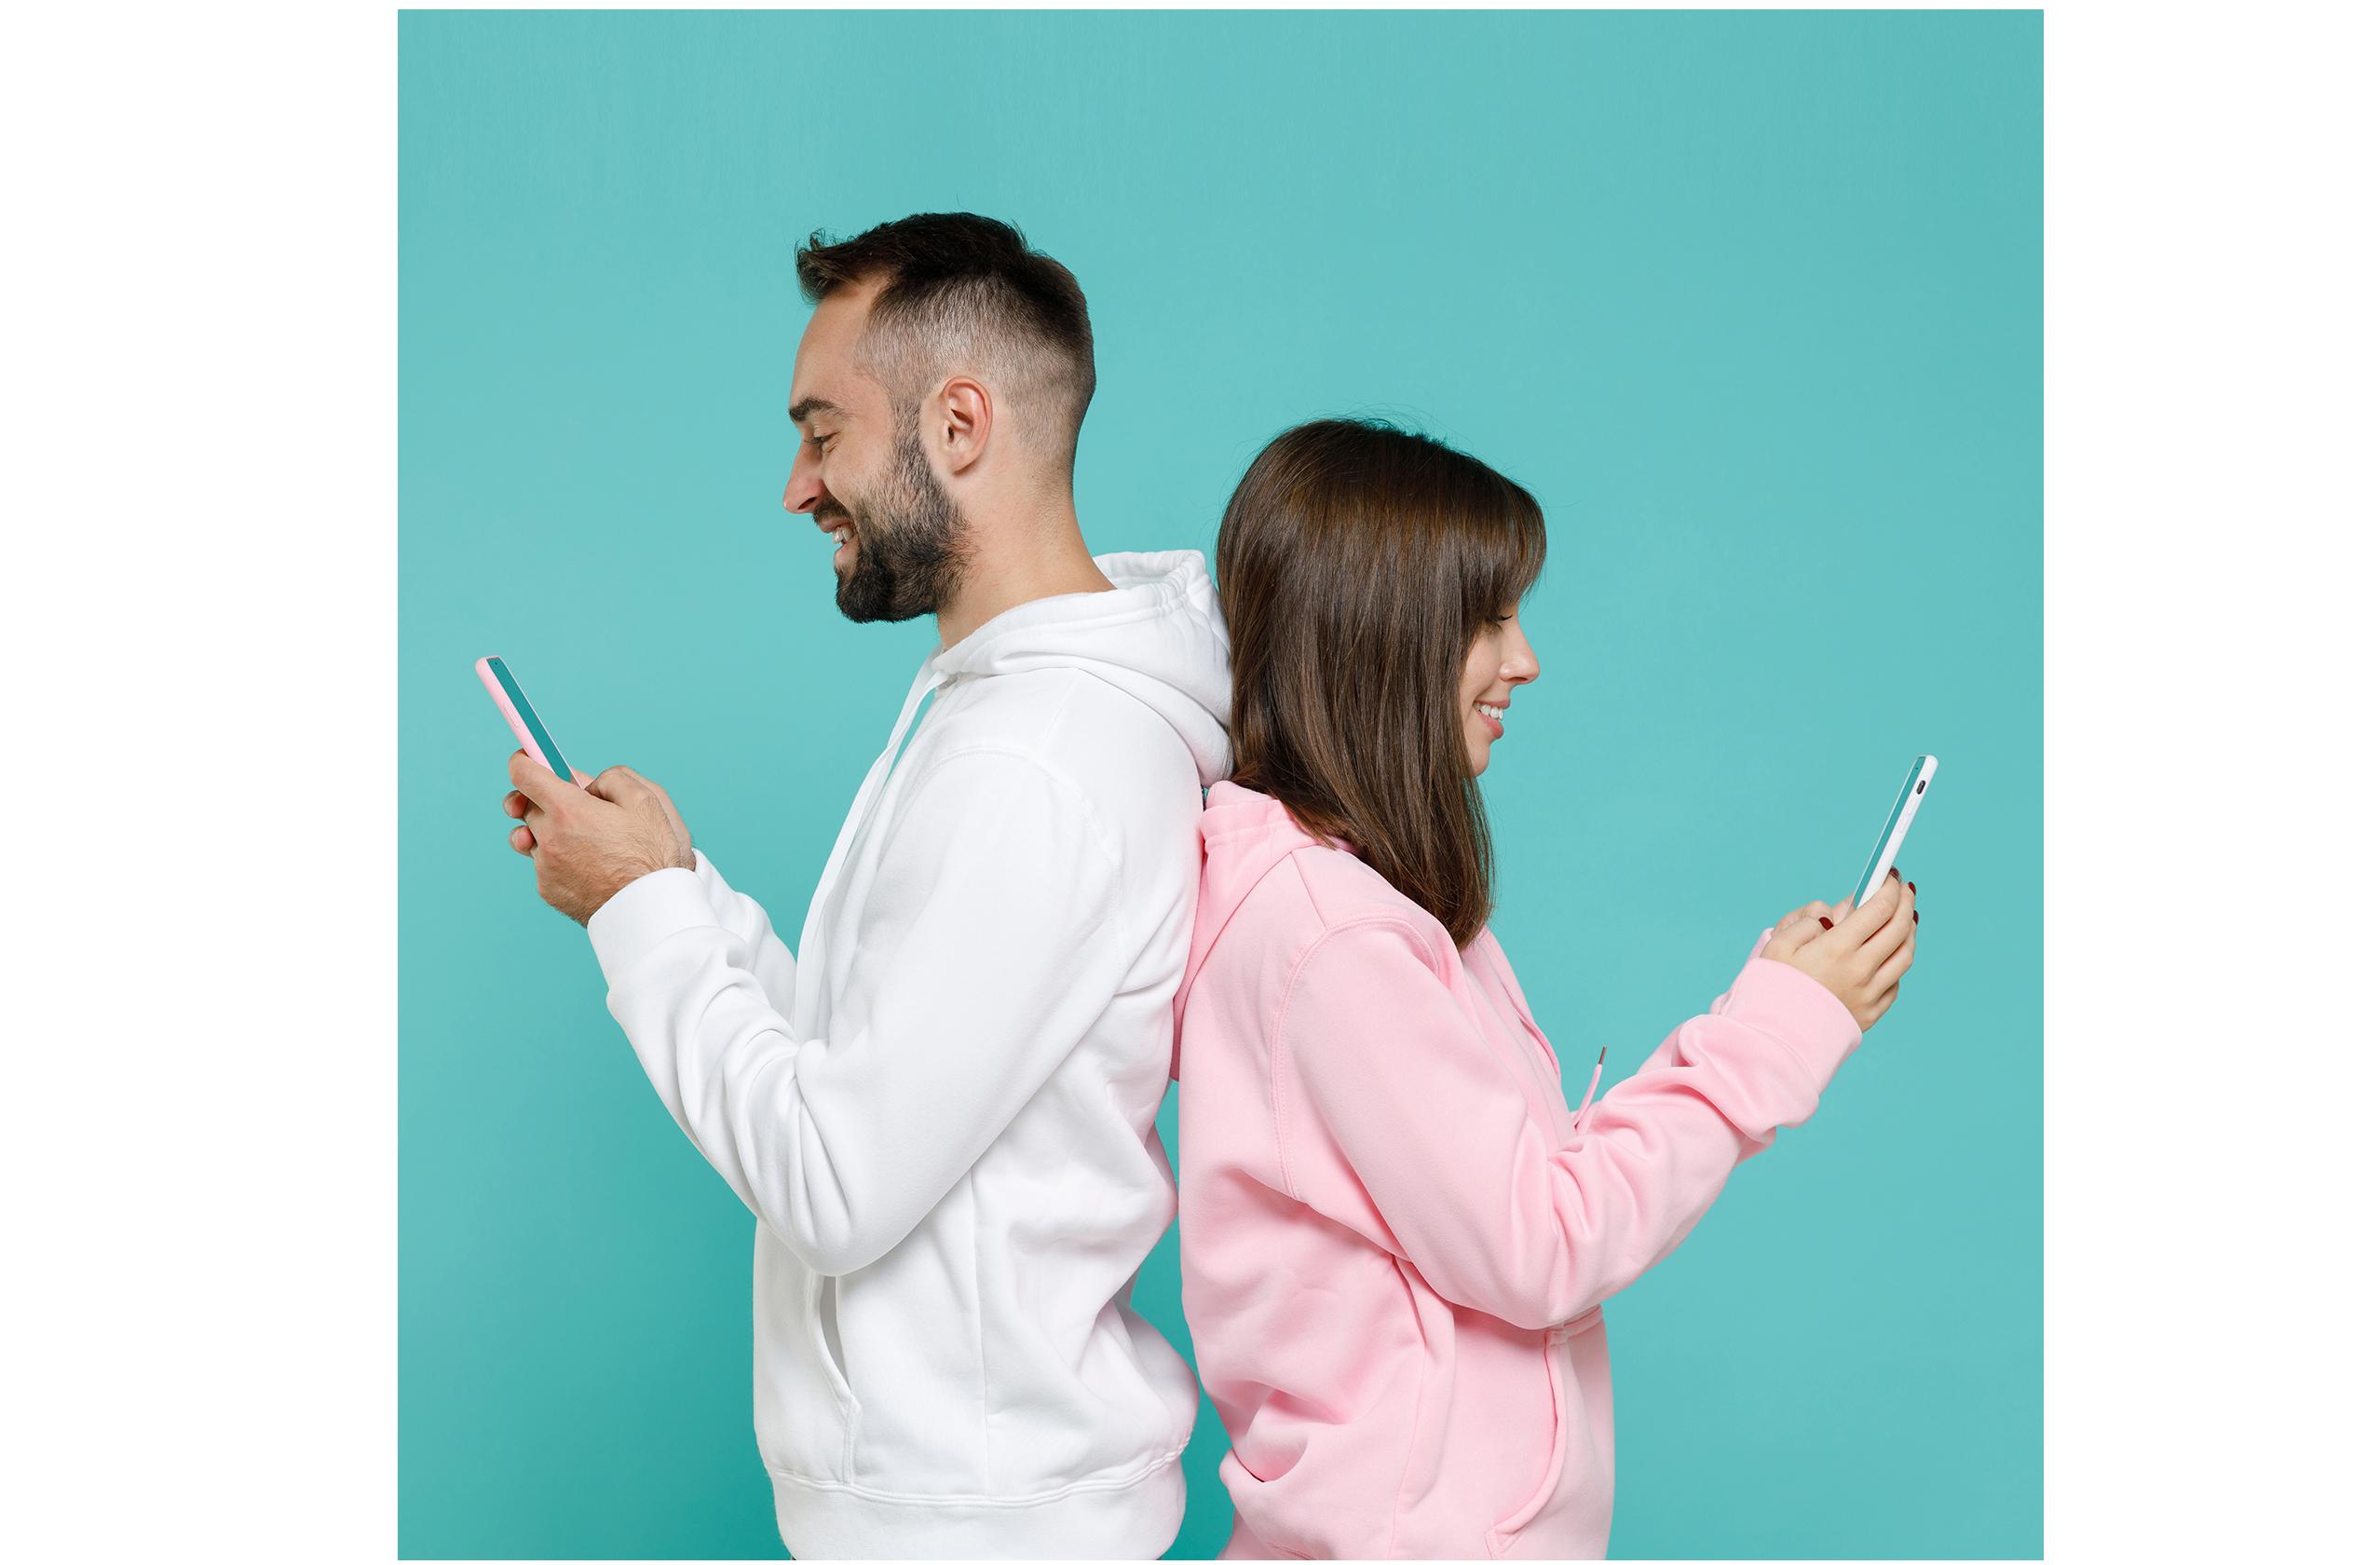 Die Sicherheit, Privatsphäre und der Datenschutz bei Onlinedating-Apps in 2021